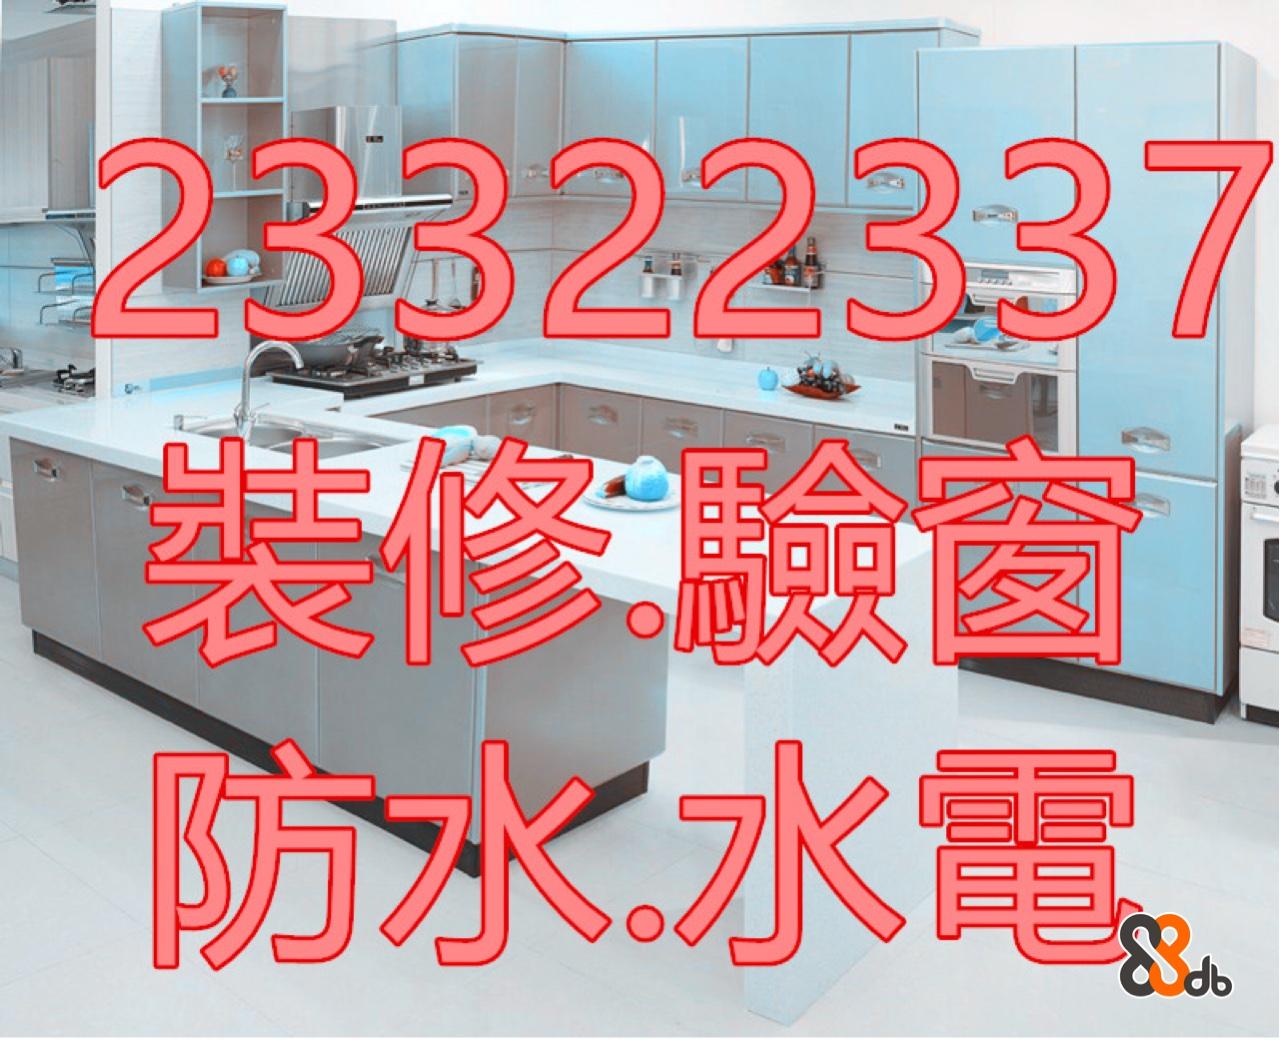 23322337 防水水電3 db  Font,Text